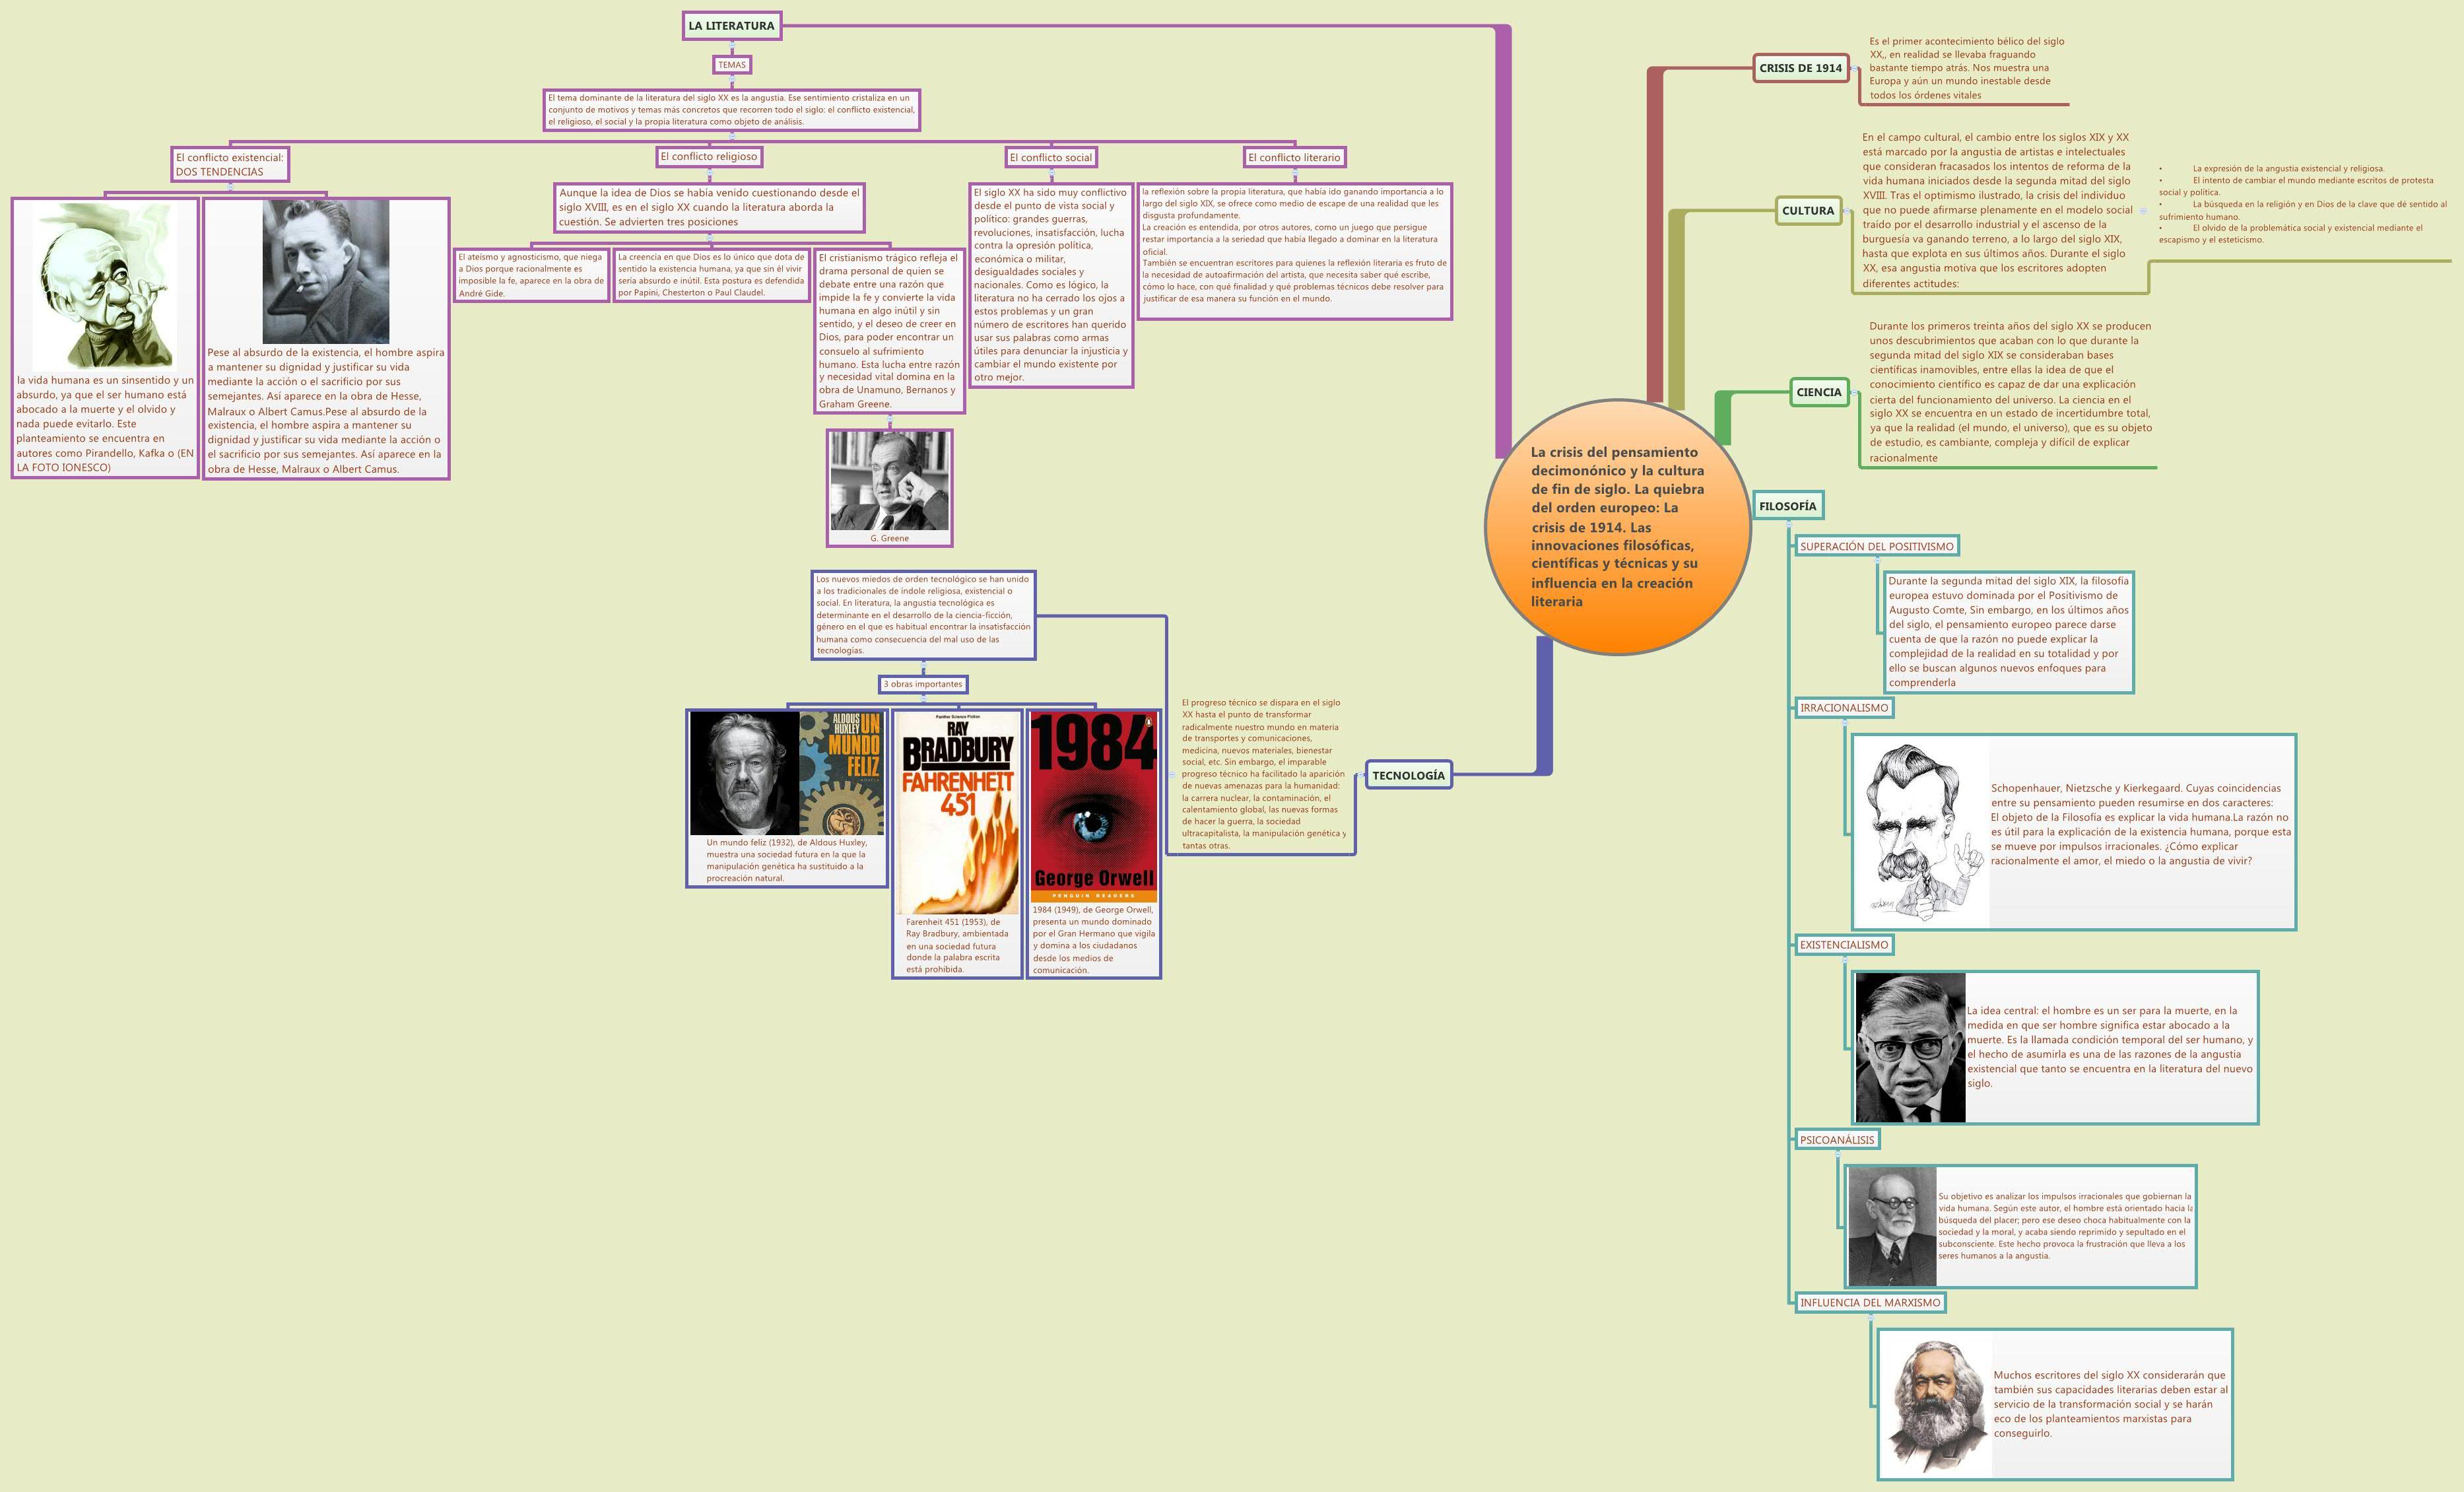 La crisis del pensamiento decimonónico y la cultura de fin de siglo. La quiebra del orden europeo: La crisis de 1914. Las innovaciones filosóficas, científicas y técnicas y su influencia en la creación literaria